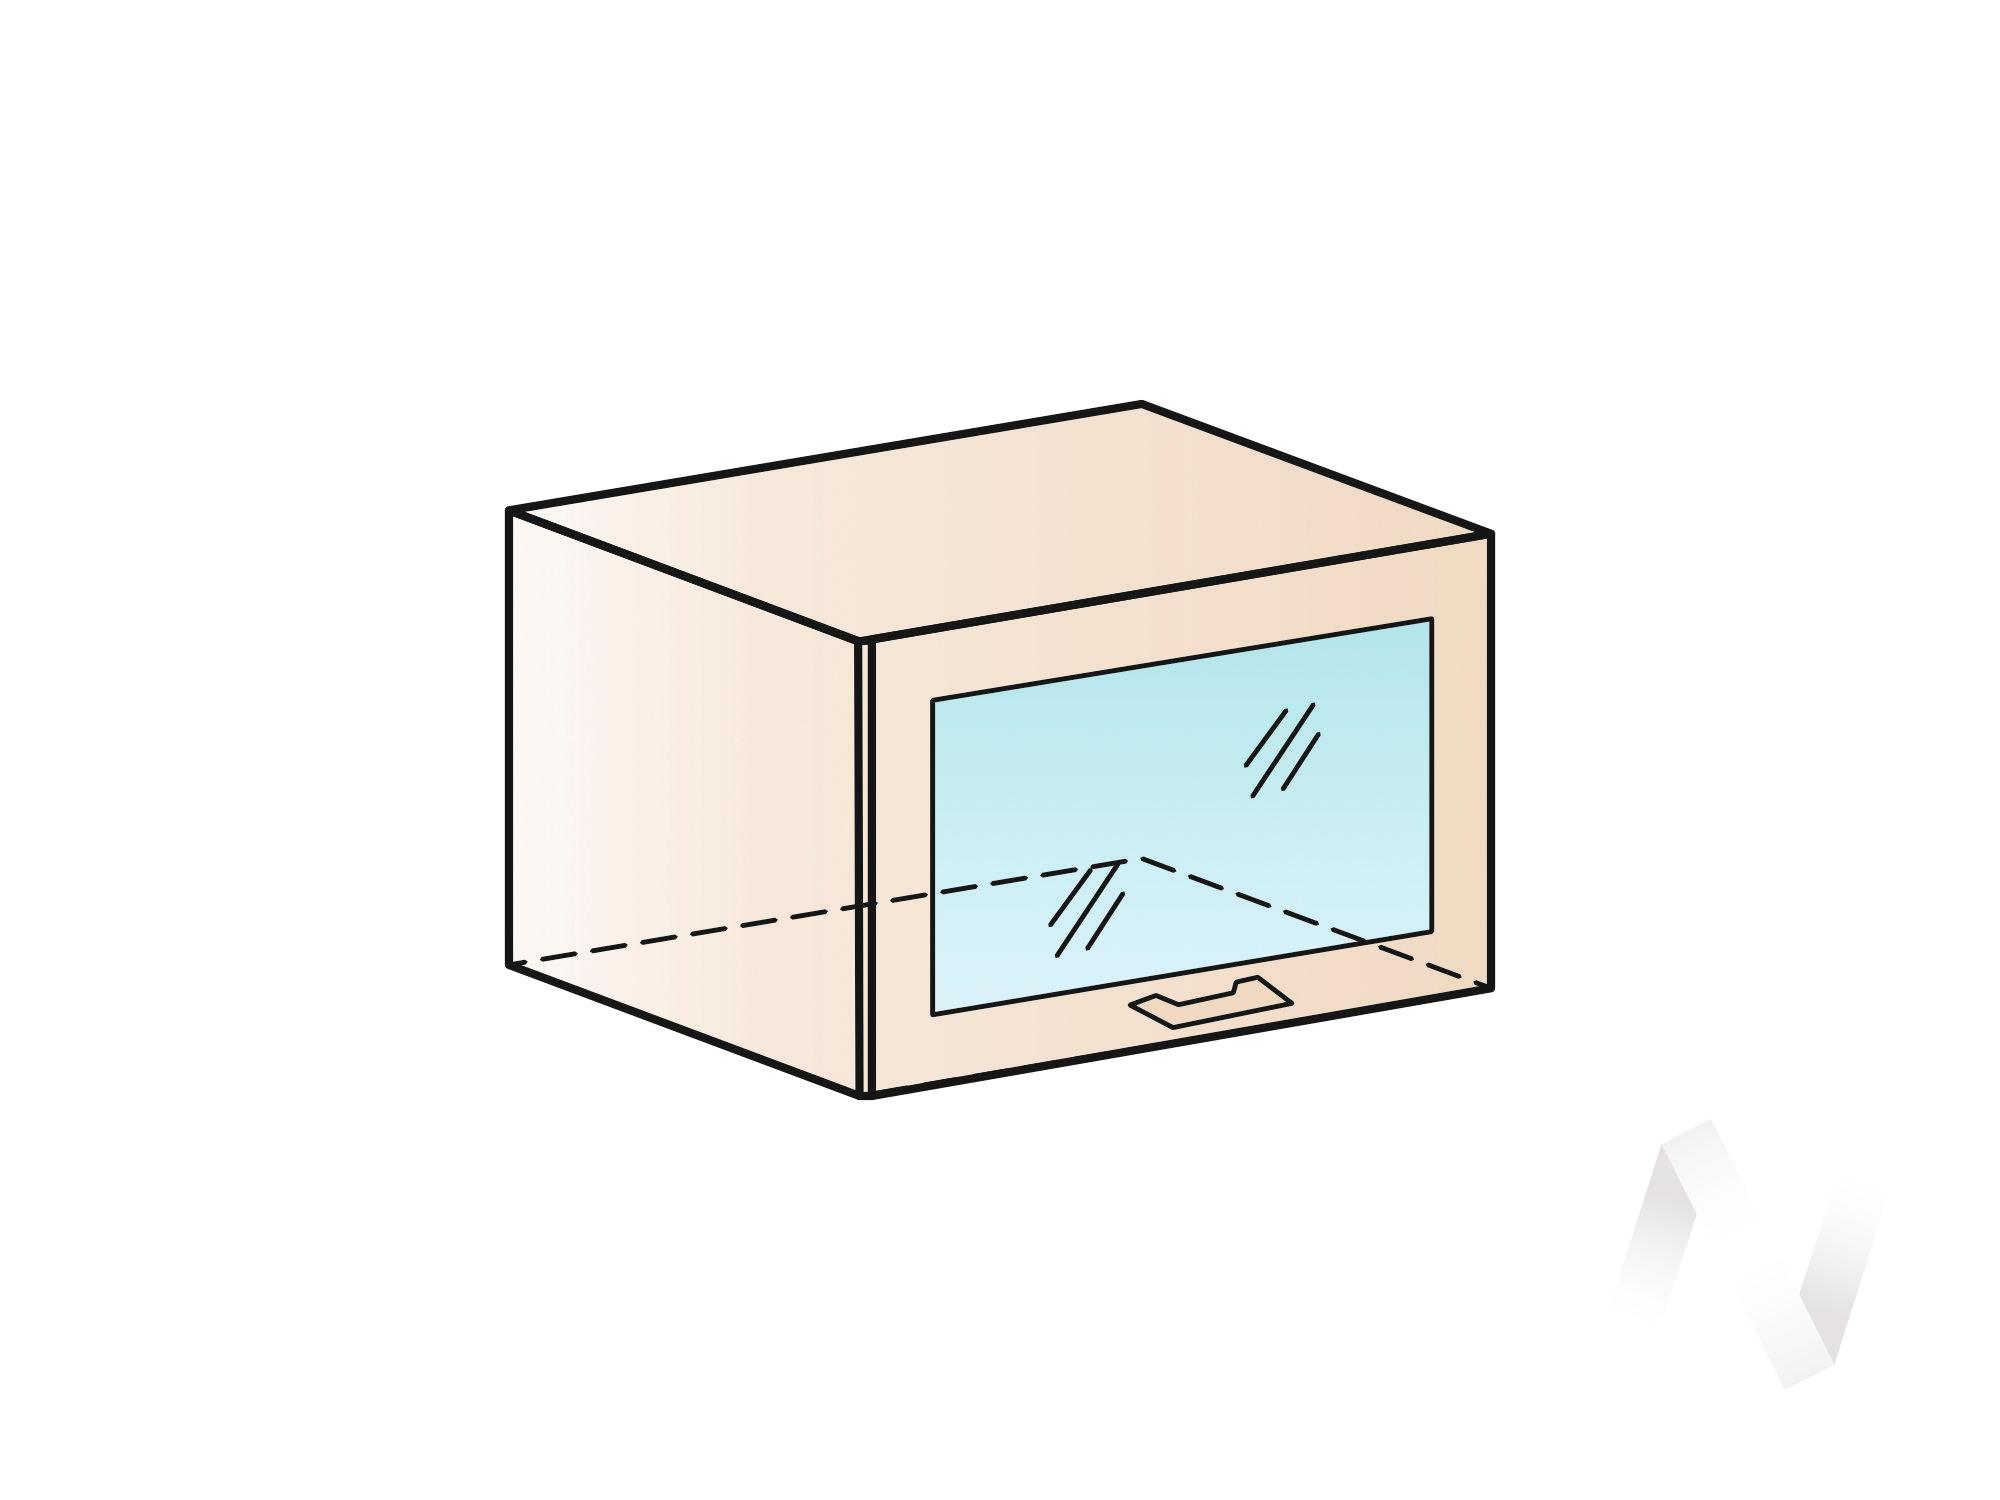 """Кухня """"Вена"""": Шкаф верхний горизонтальный со стеклом 600, ШВГС 600 (корпус венге) в Томске — авторская мебель Экостиль"""